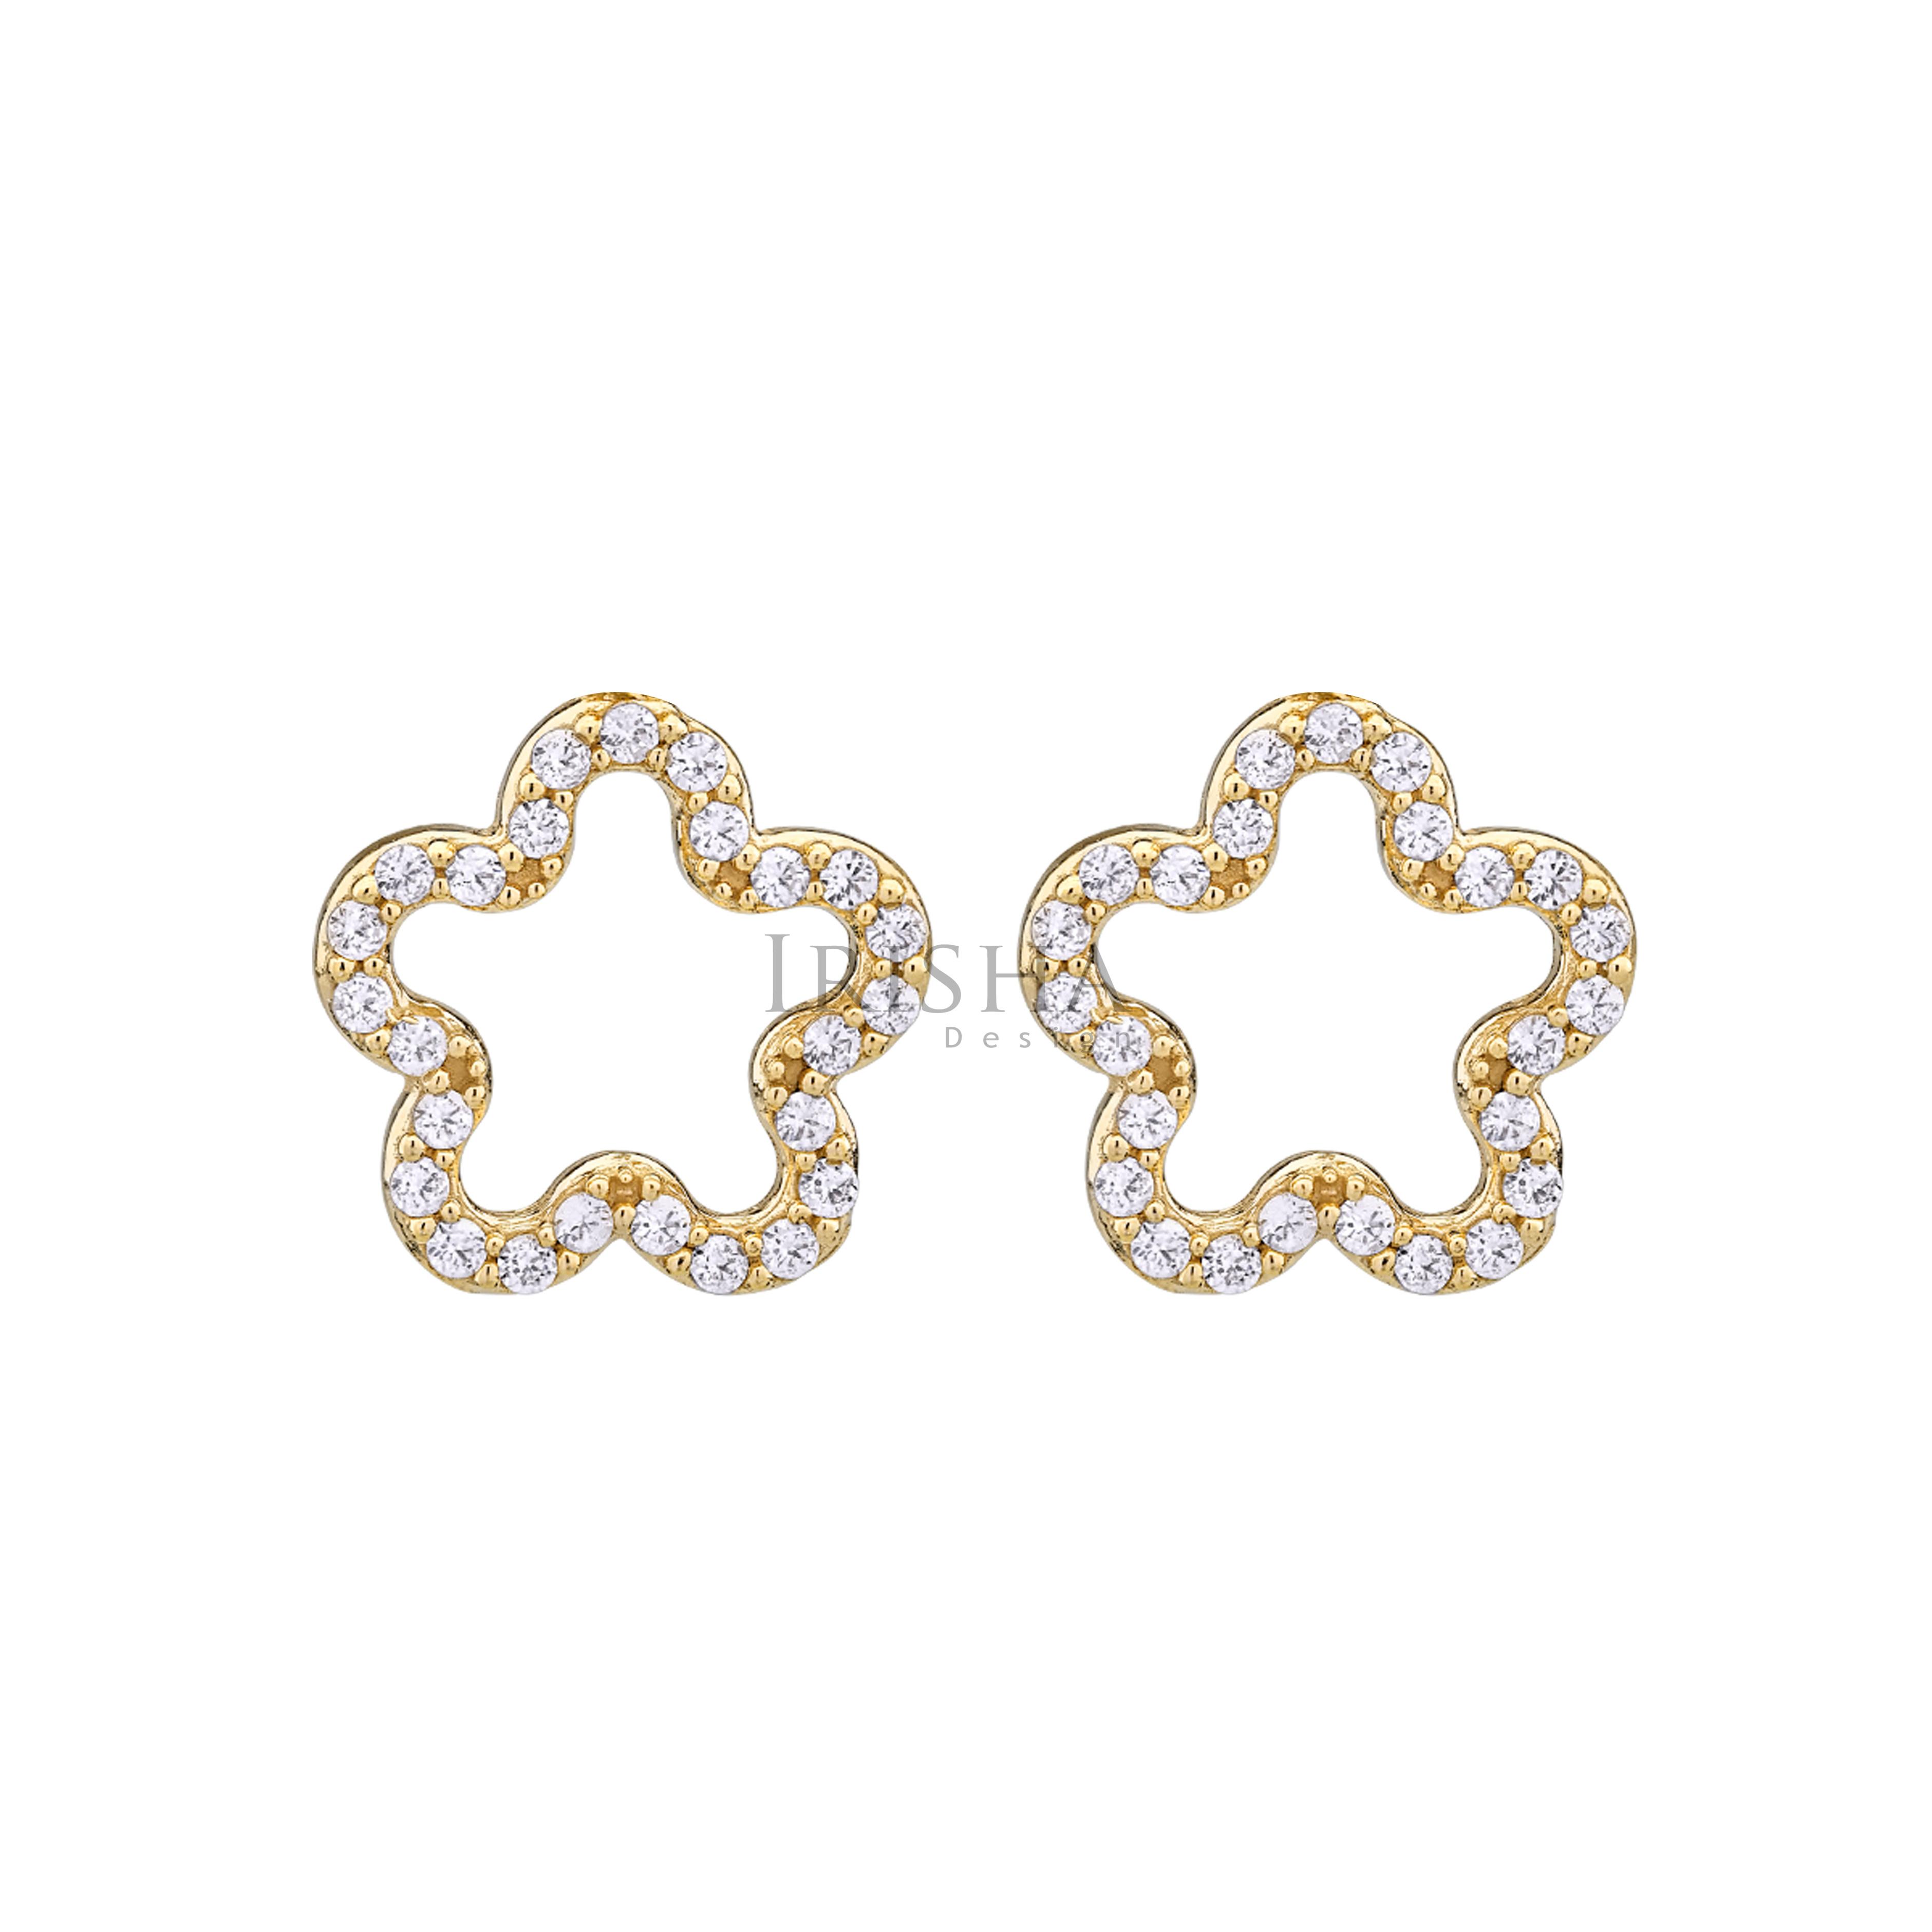 14K Gold 0.20 Ct. Genuine Diamond Flower Shape Studs Earrings Fine Jewelry